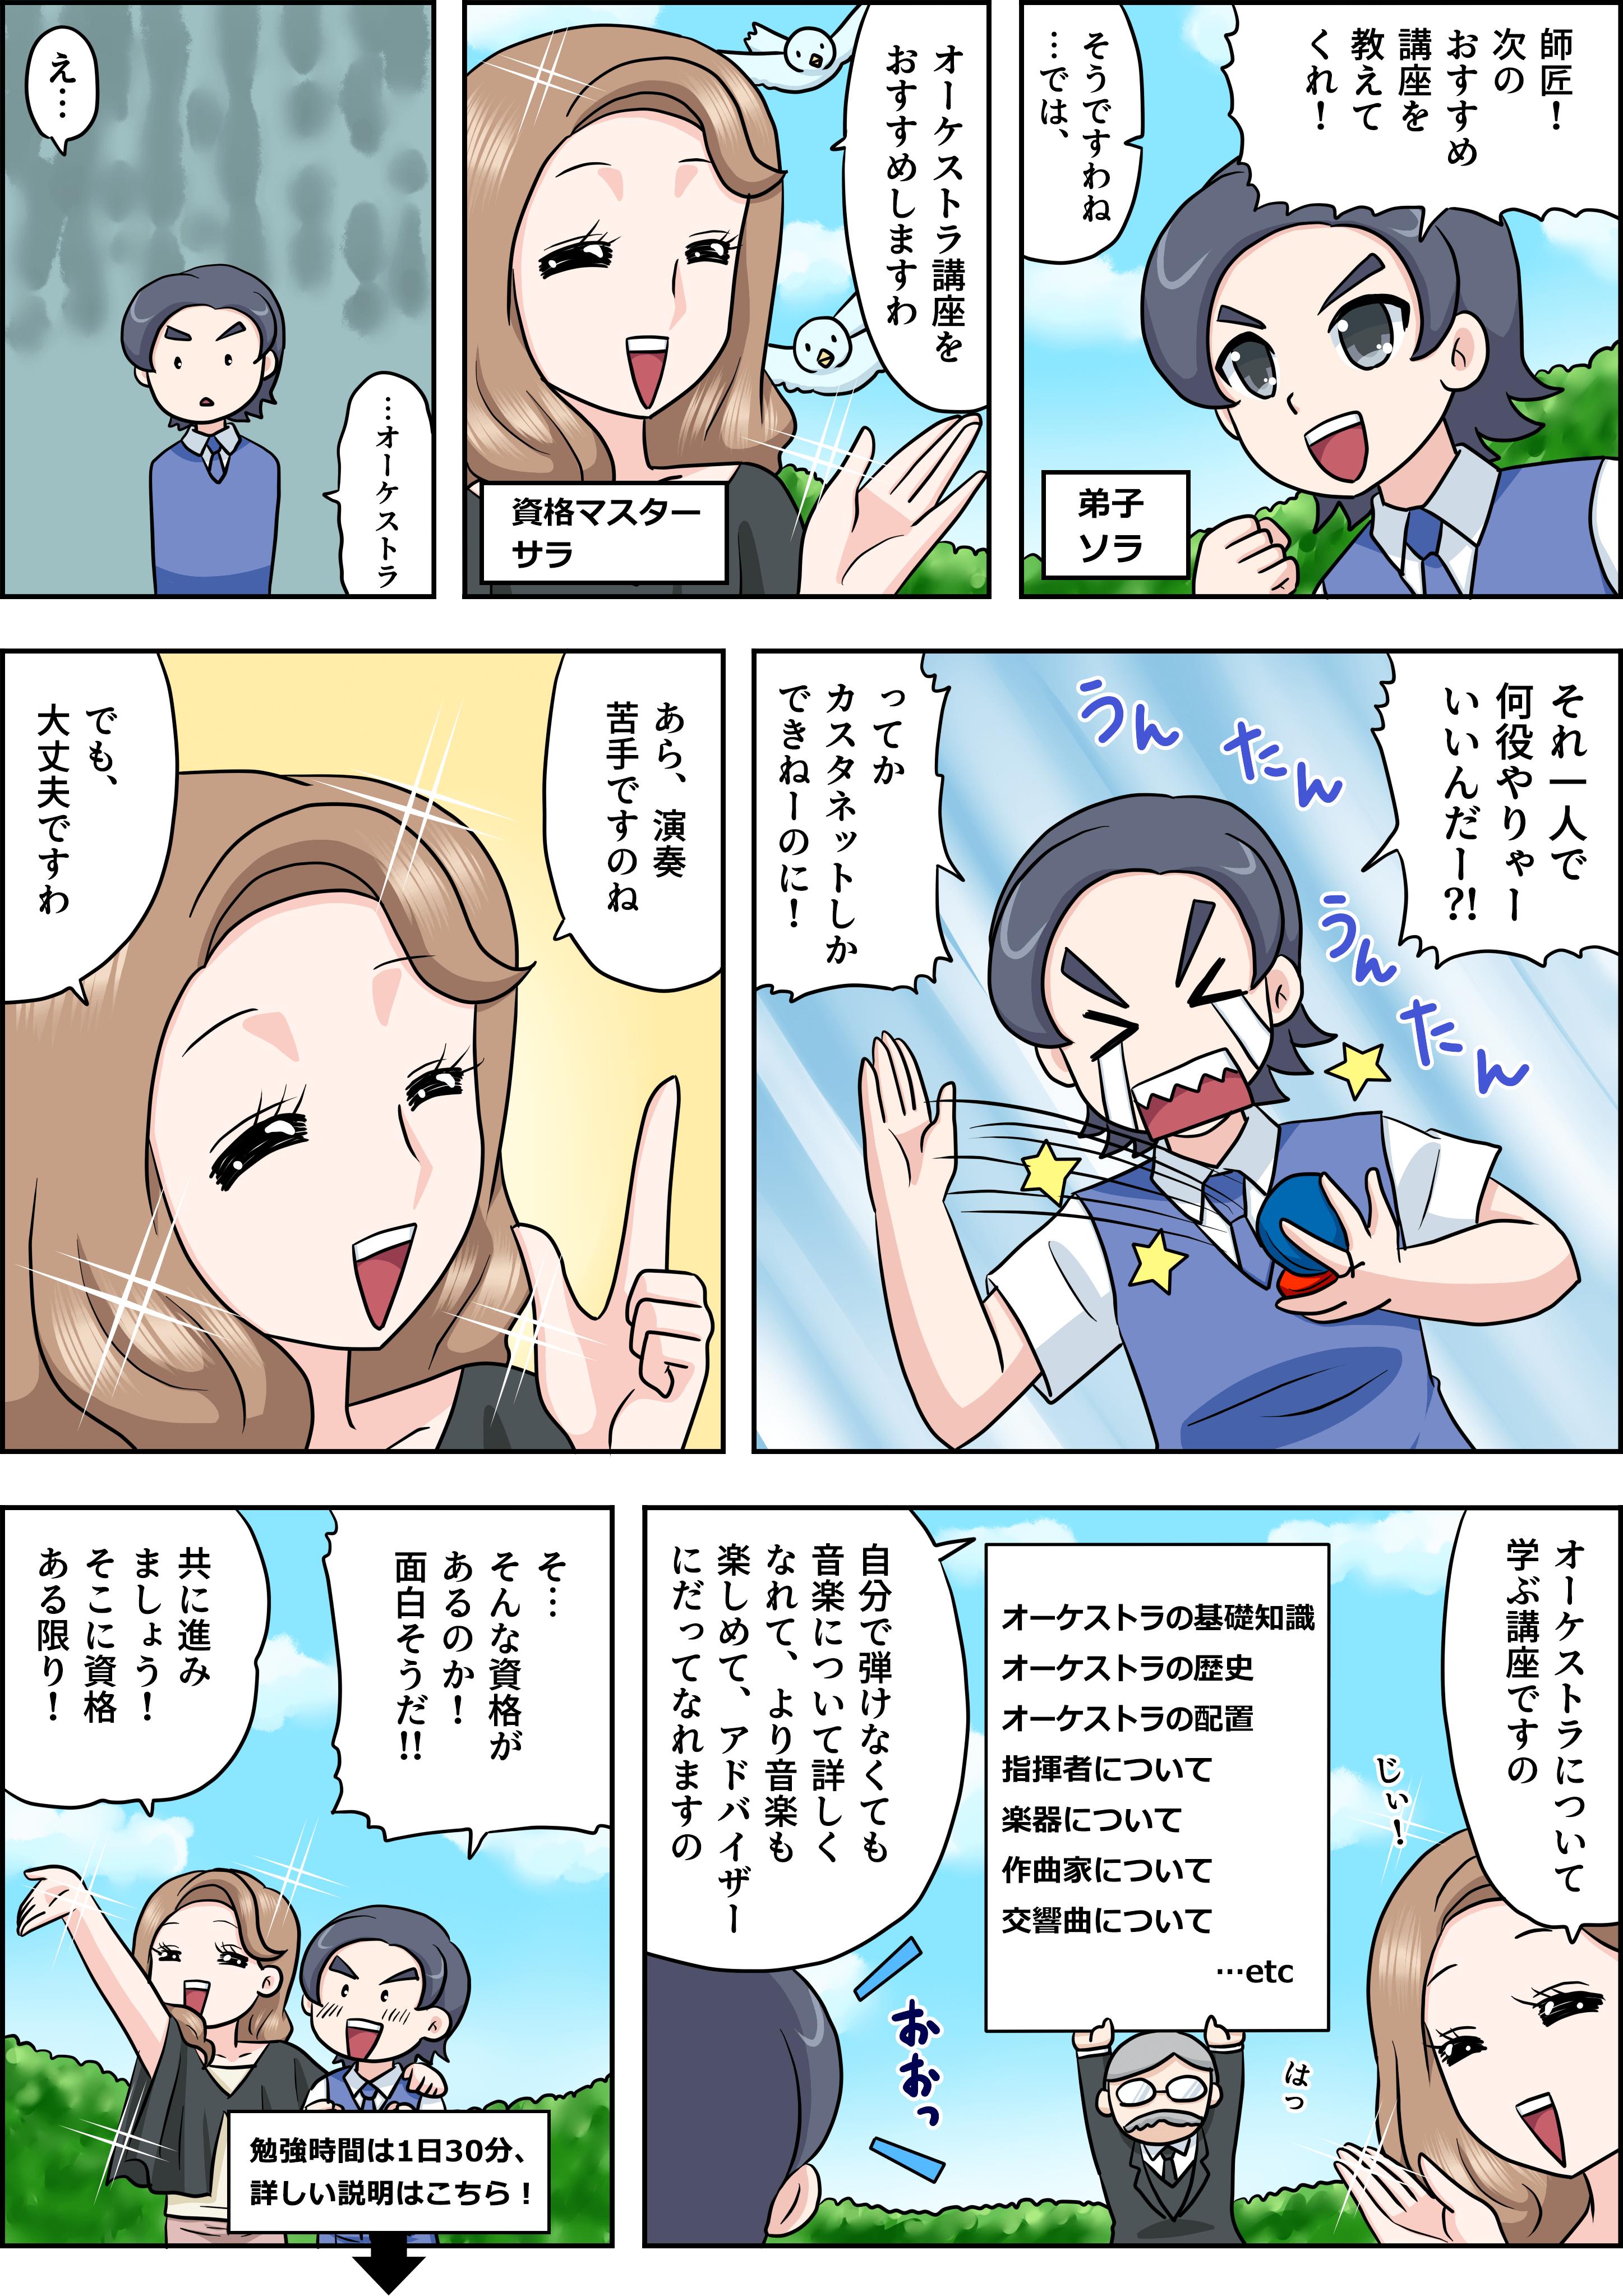 オーケストラの漫画